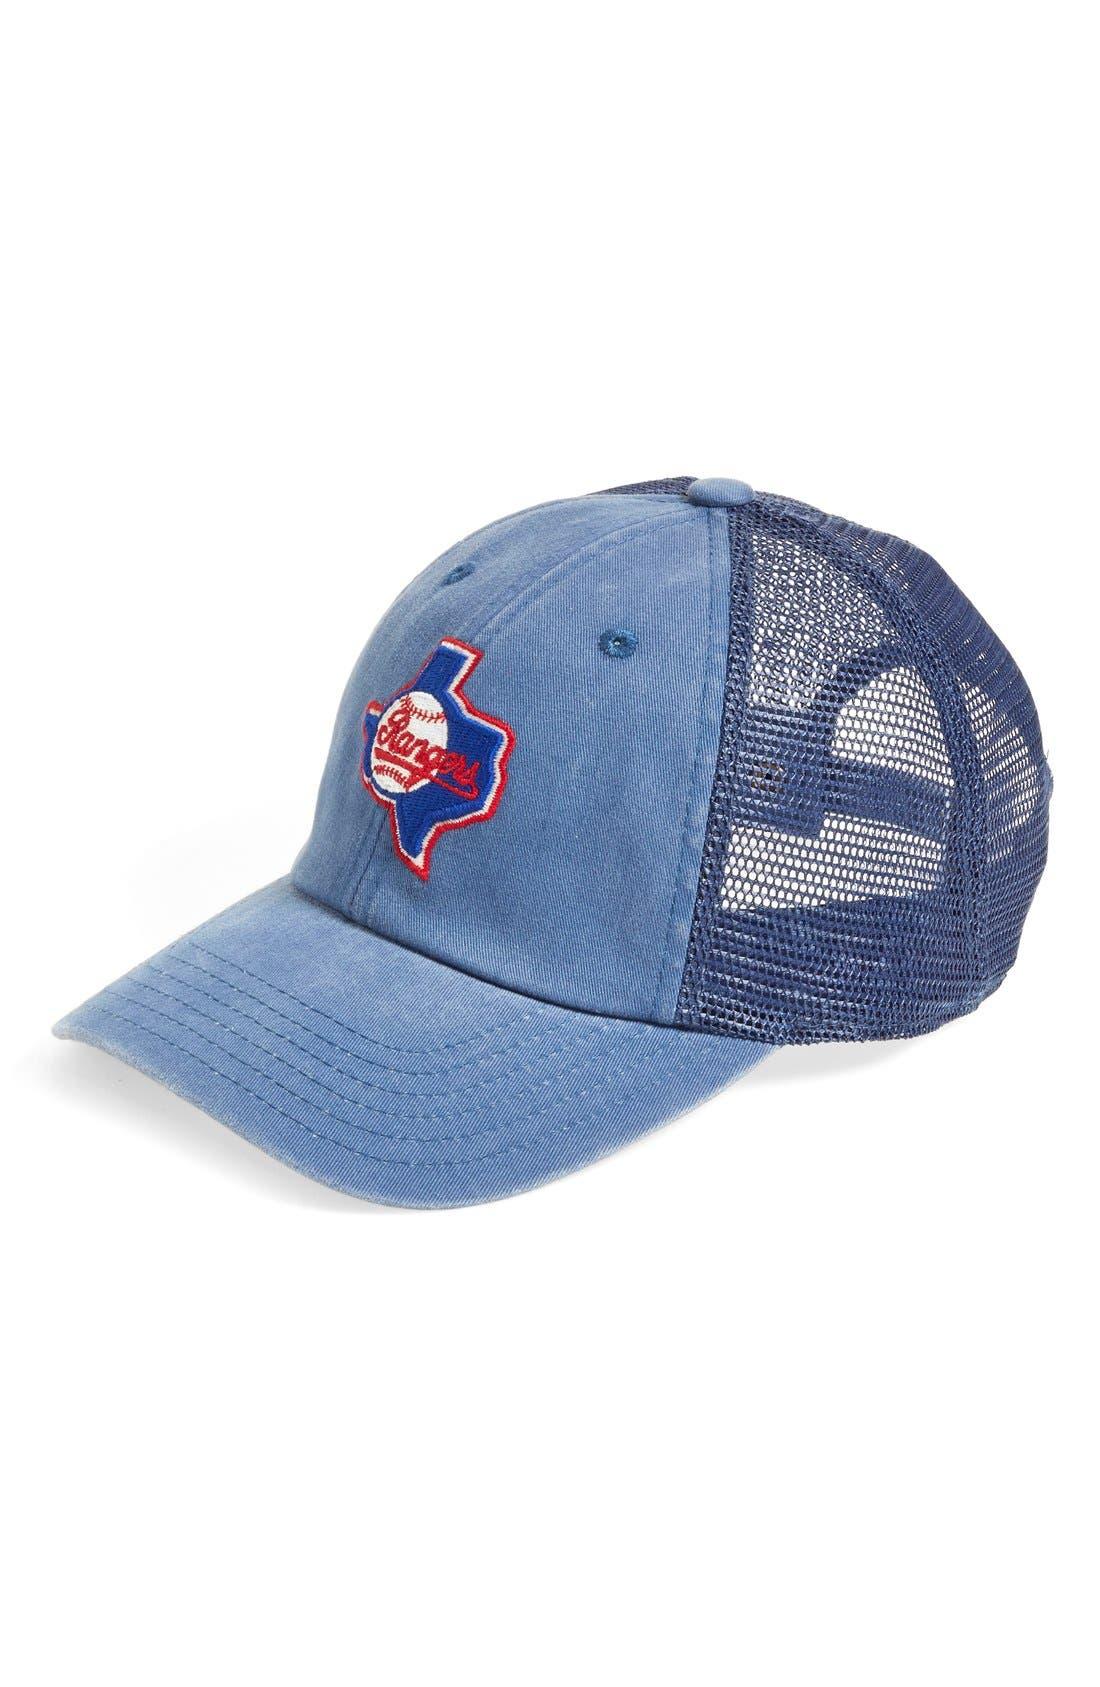 AMERICAN NEEDLE Texas Rangers - Raglan Bones Mesh Trucker Cap